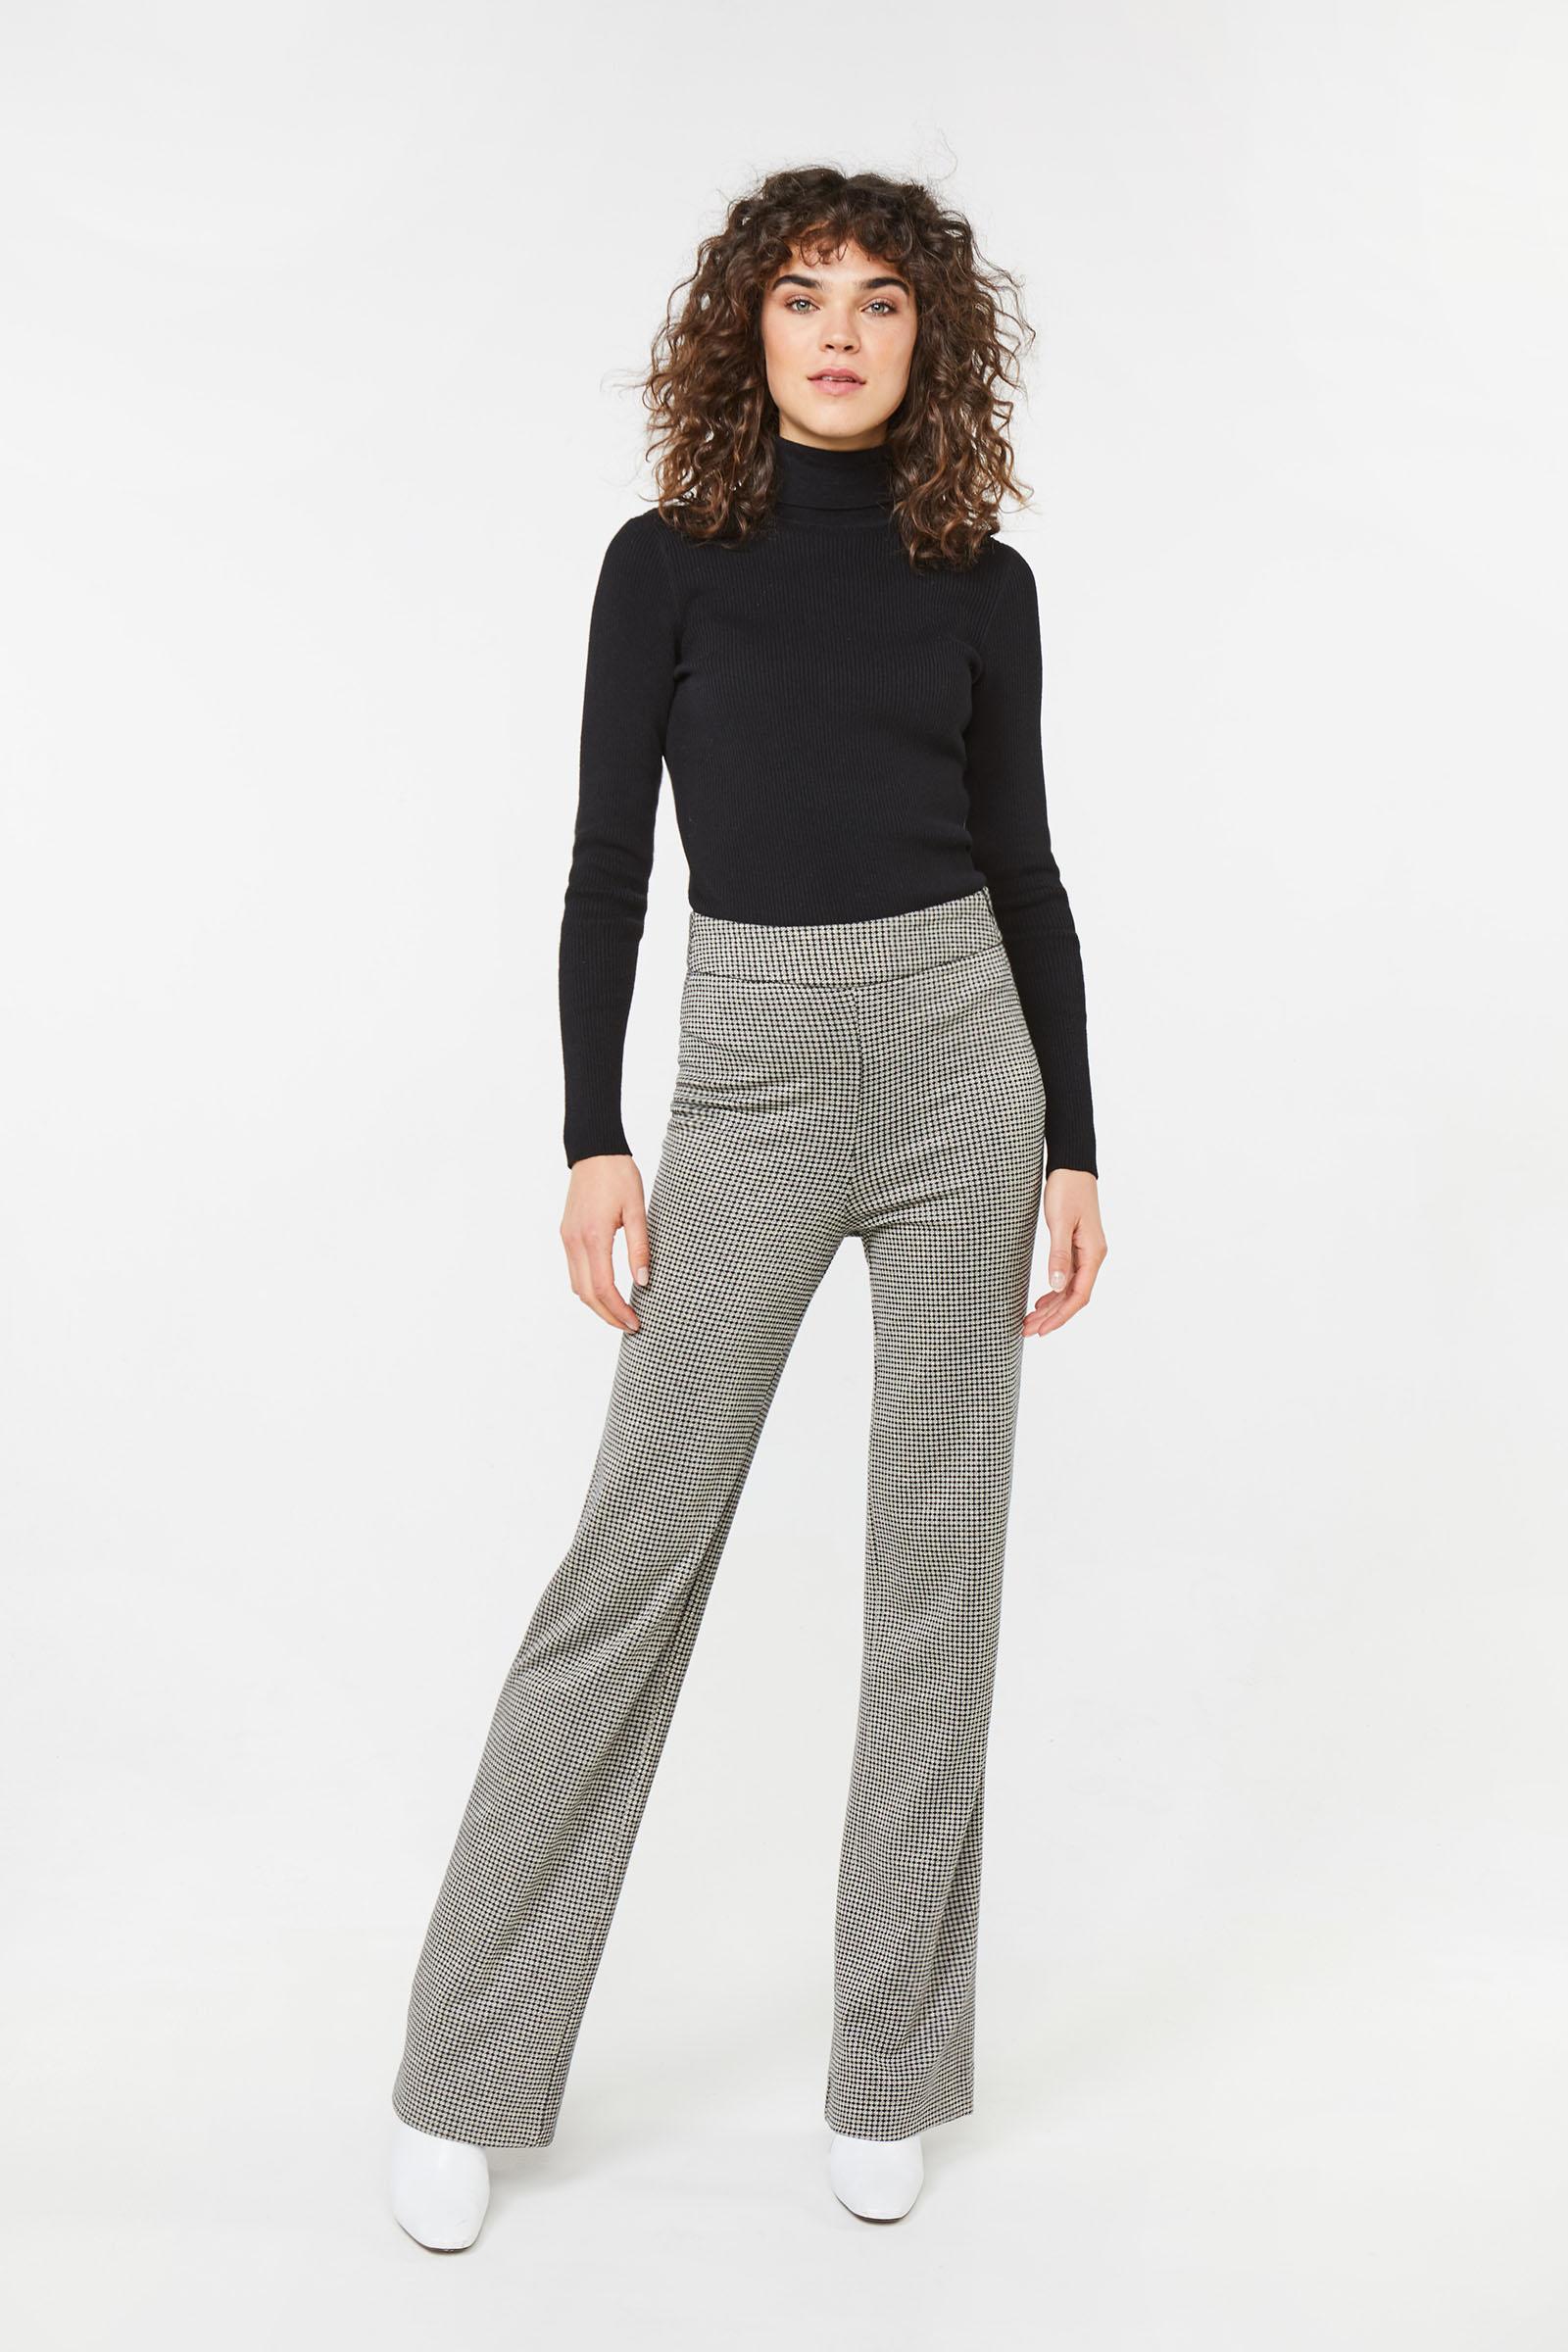 Dames high waist pied de poule dessin broek | 94897654 WE Fashion